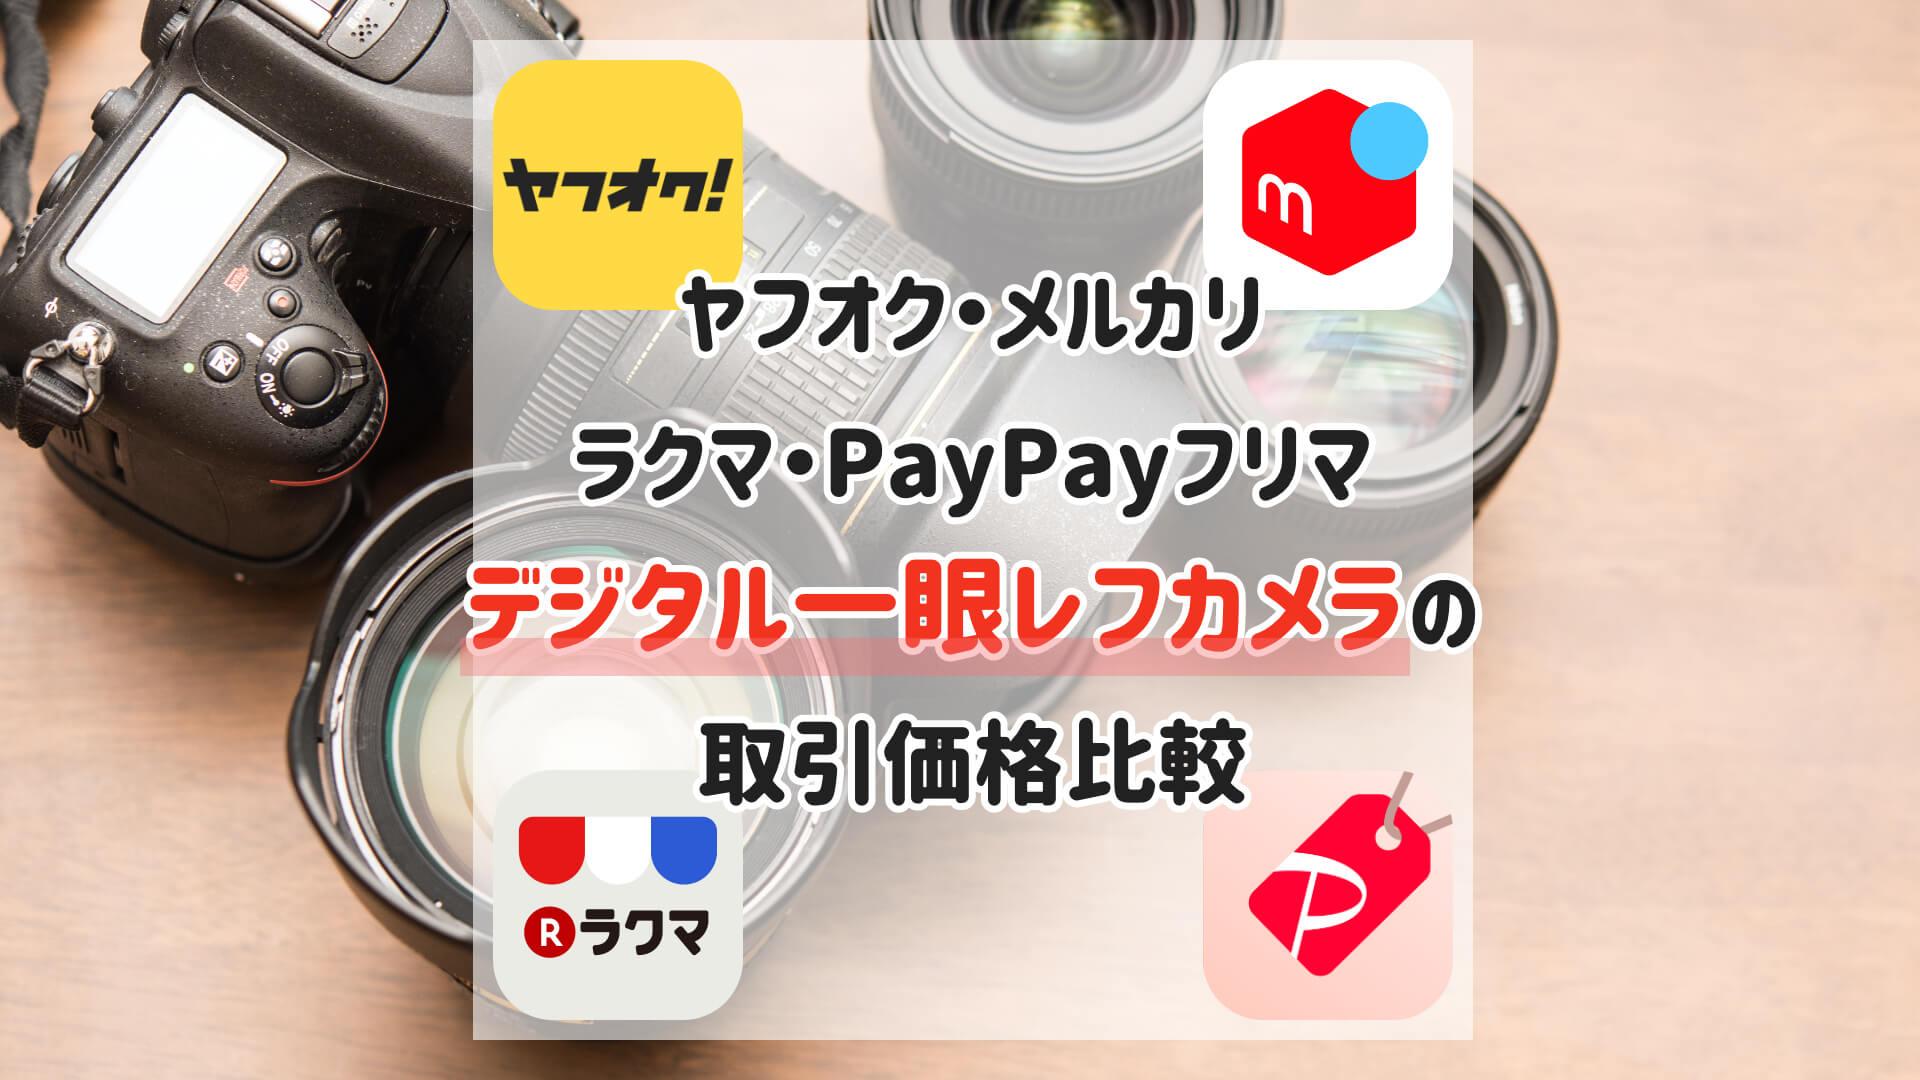 【ヤフオク・メルカリ・ラクマ・PayPayフリマ】 デジタル一眼レフカメラの落札取引価格比較【神戸オークション】